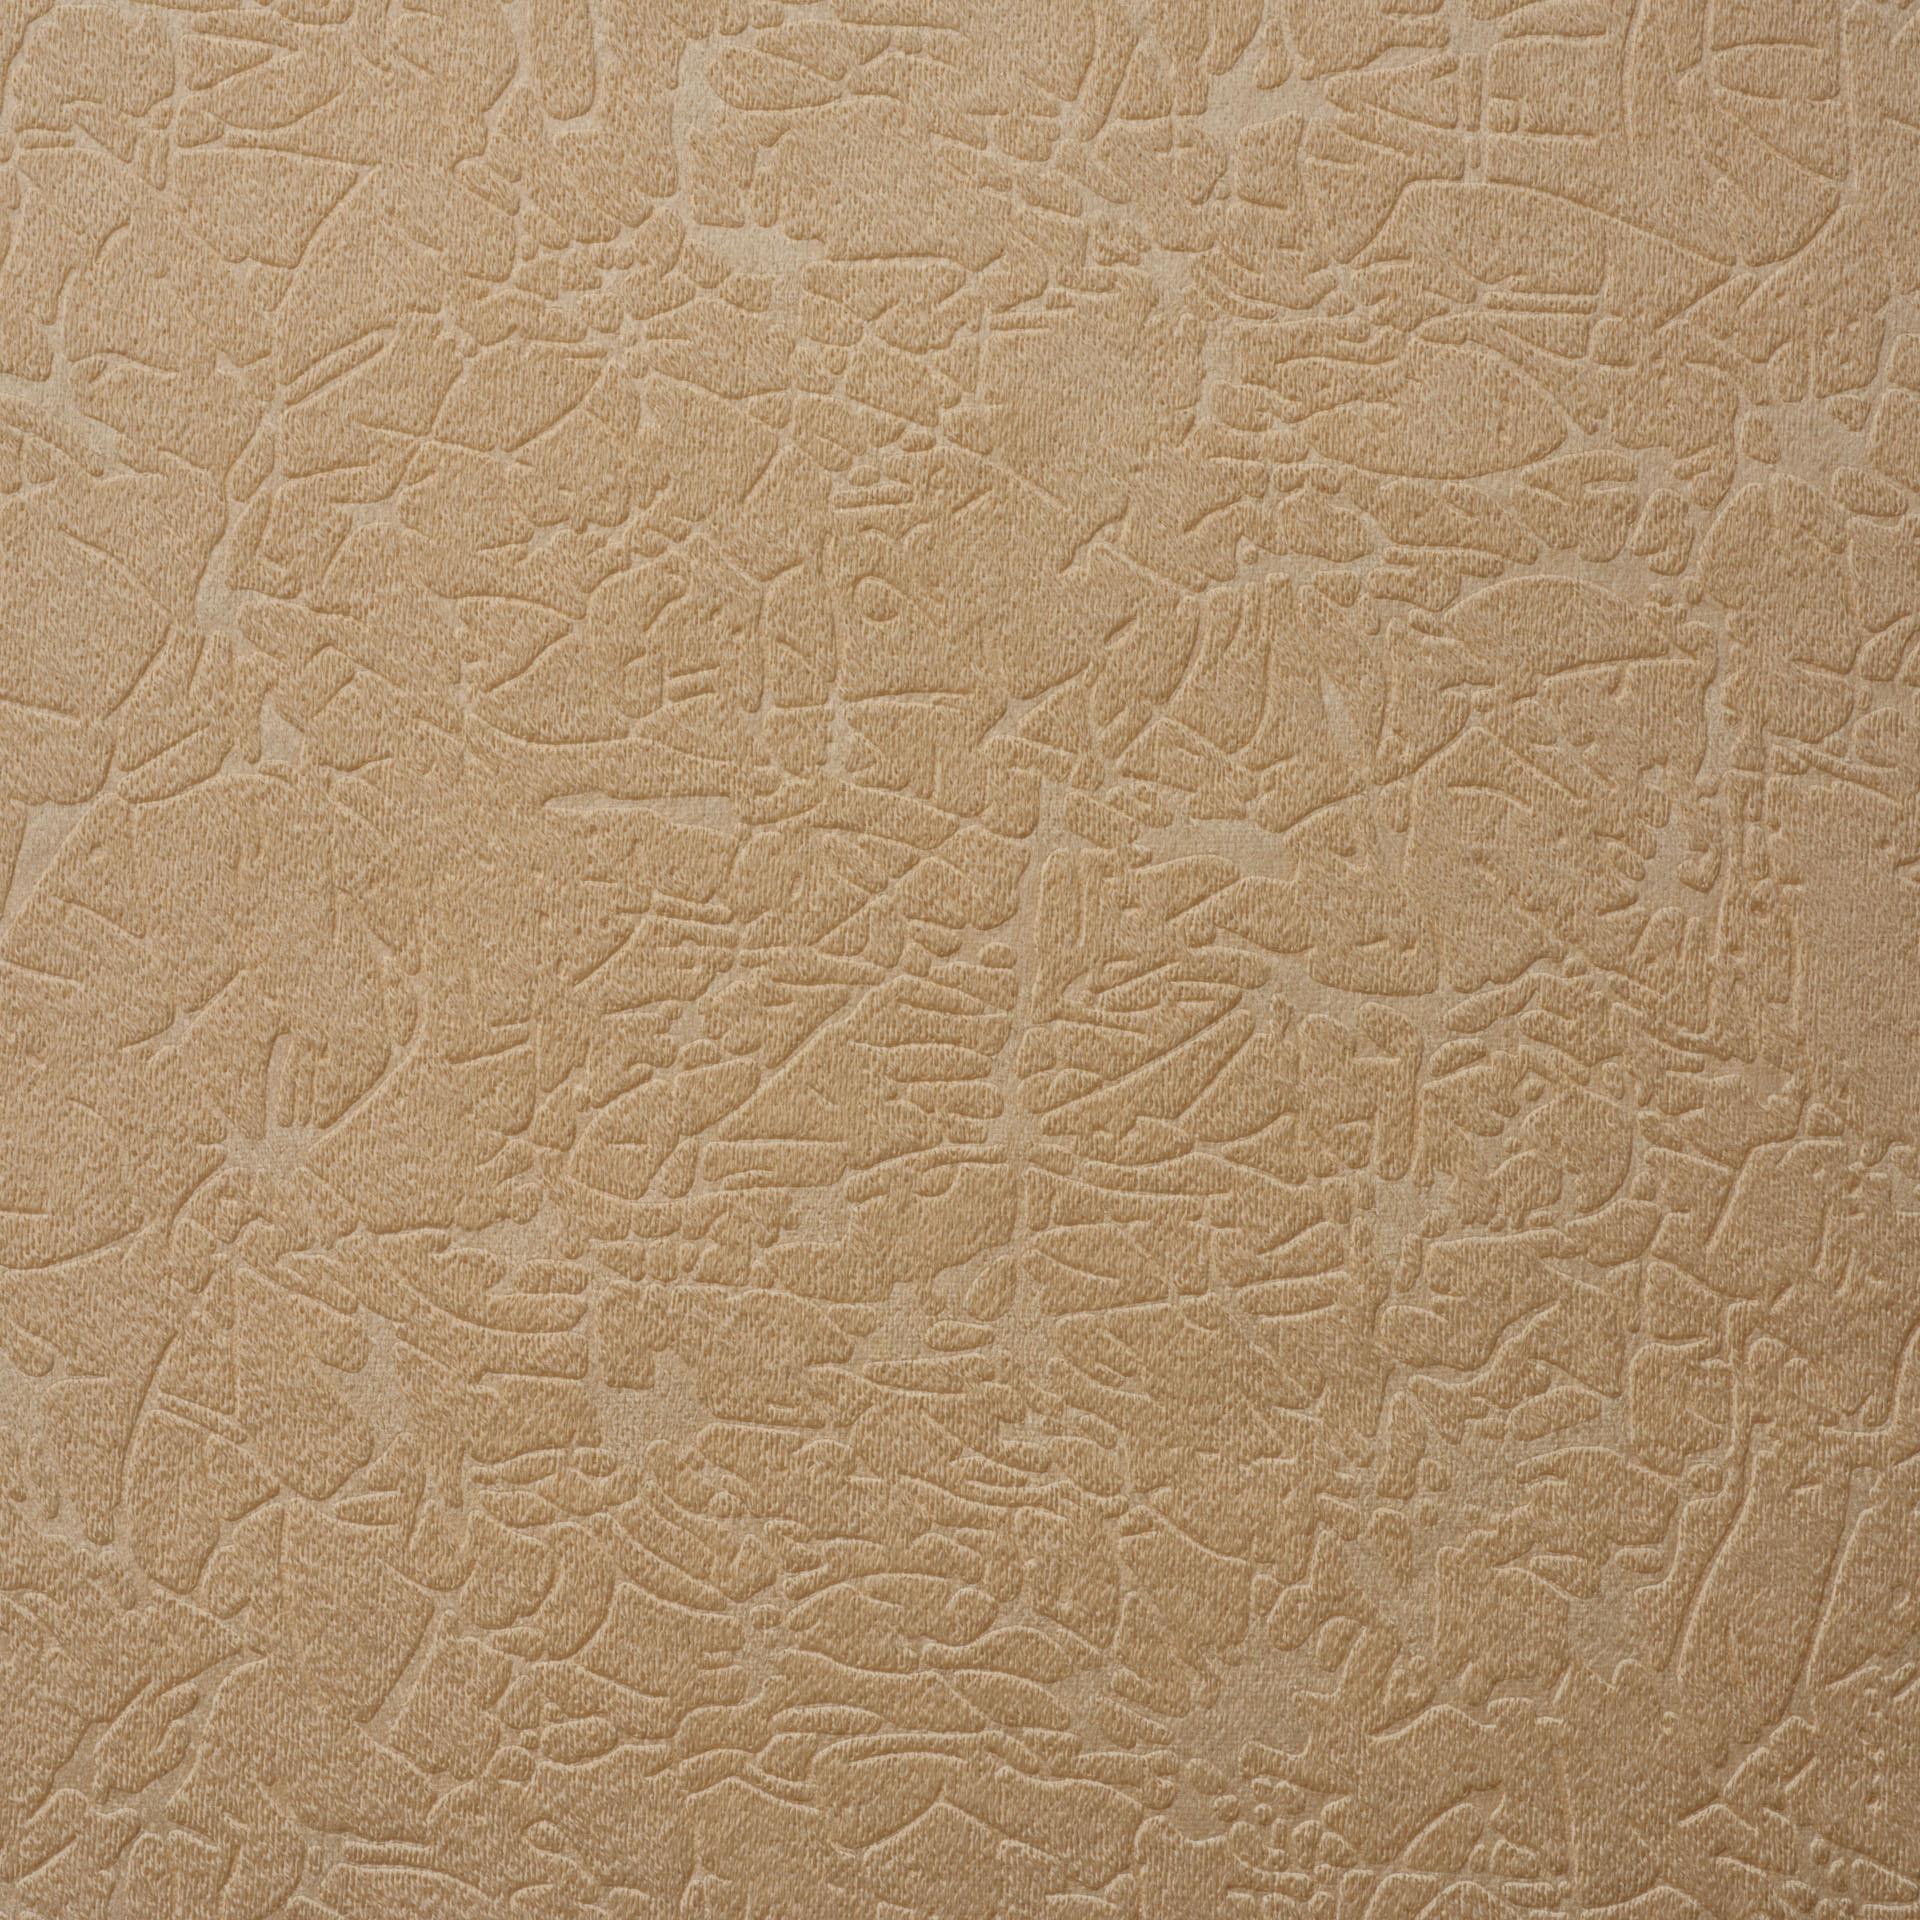 Коллекция ткани Пленет 02 CREAM,  купить ткань Велюр для мебели Украина